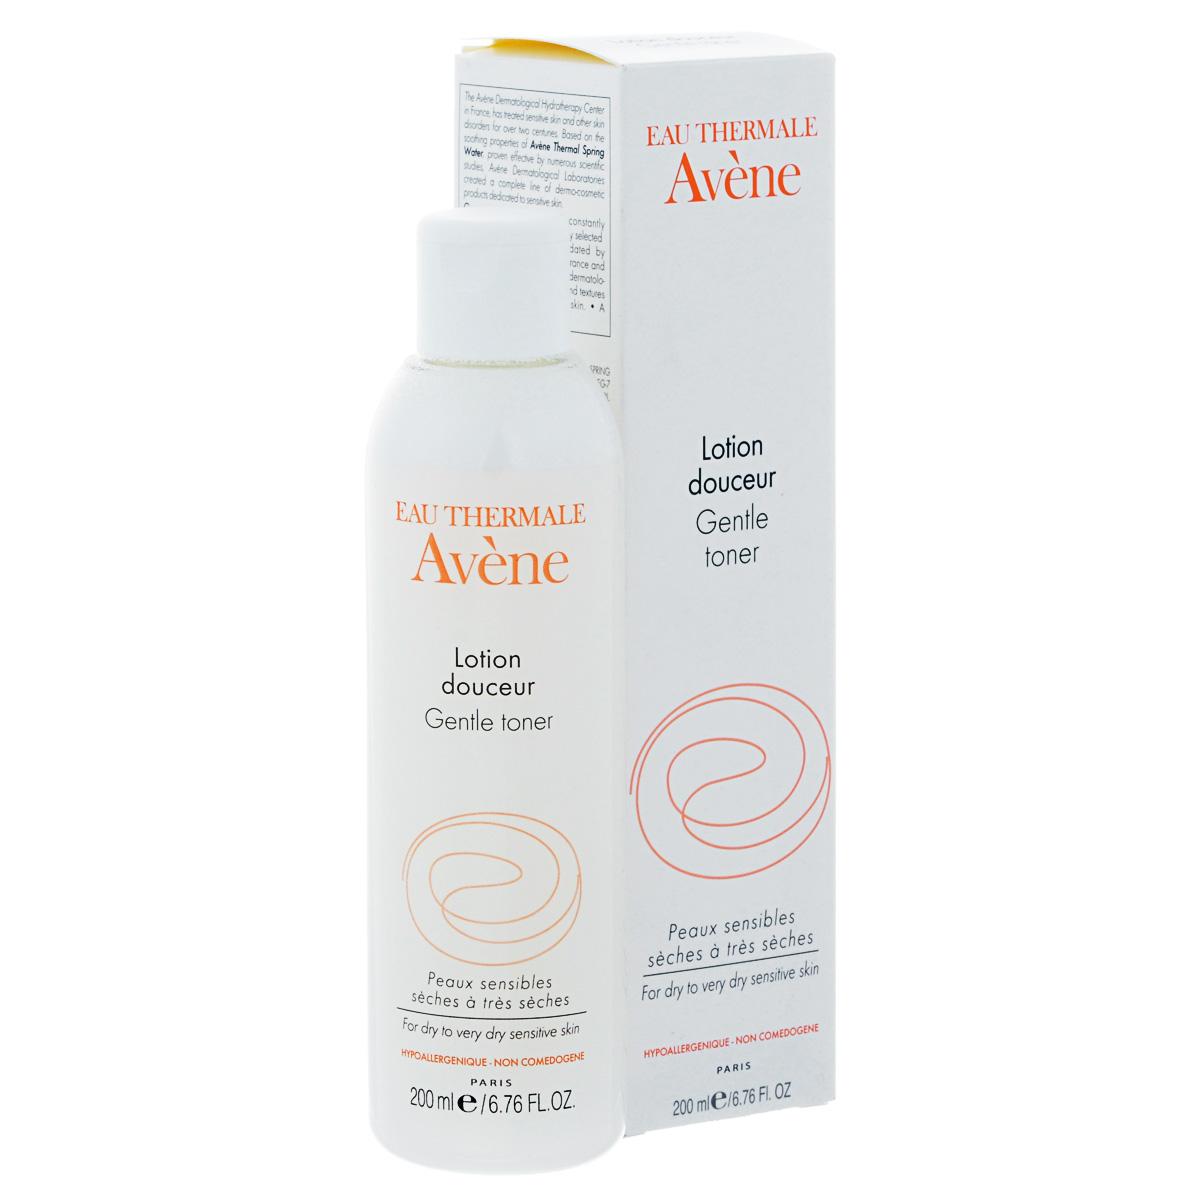 Avene Мягкий лосьон Sensibles длдя лица 200 млC05149Средство для очищения сухой и очень сухой чувствительной кожи.Очищает кожу успокаивает и защищает от агрессивных внешних воздействий, образуя на коже нежнейшую защитную пленку.